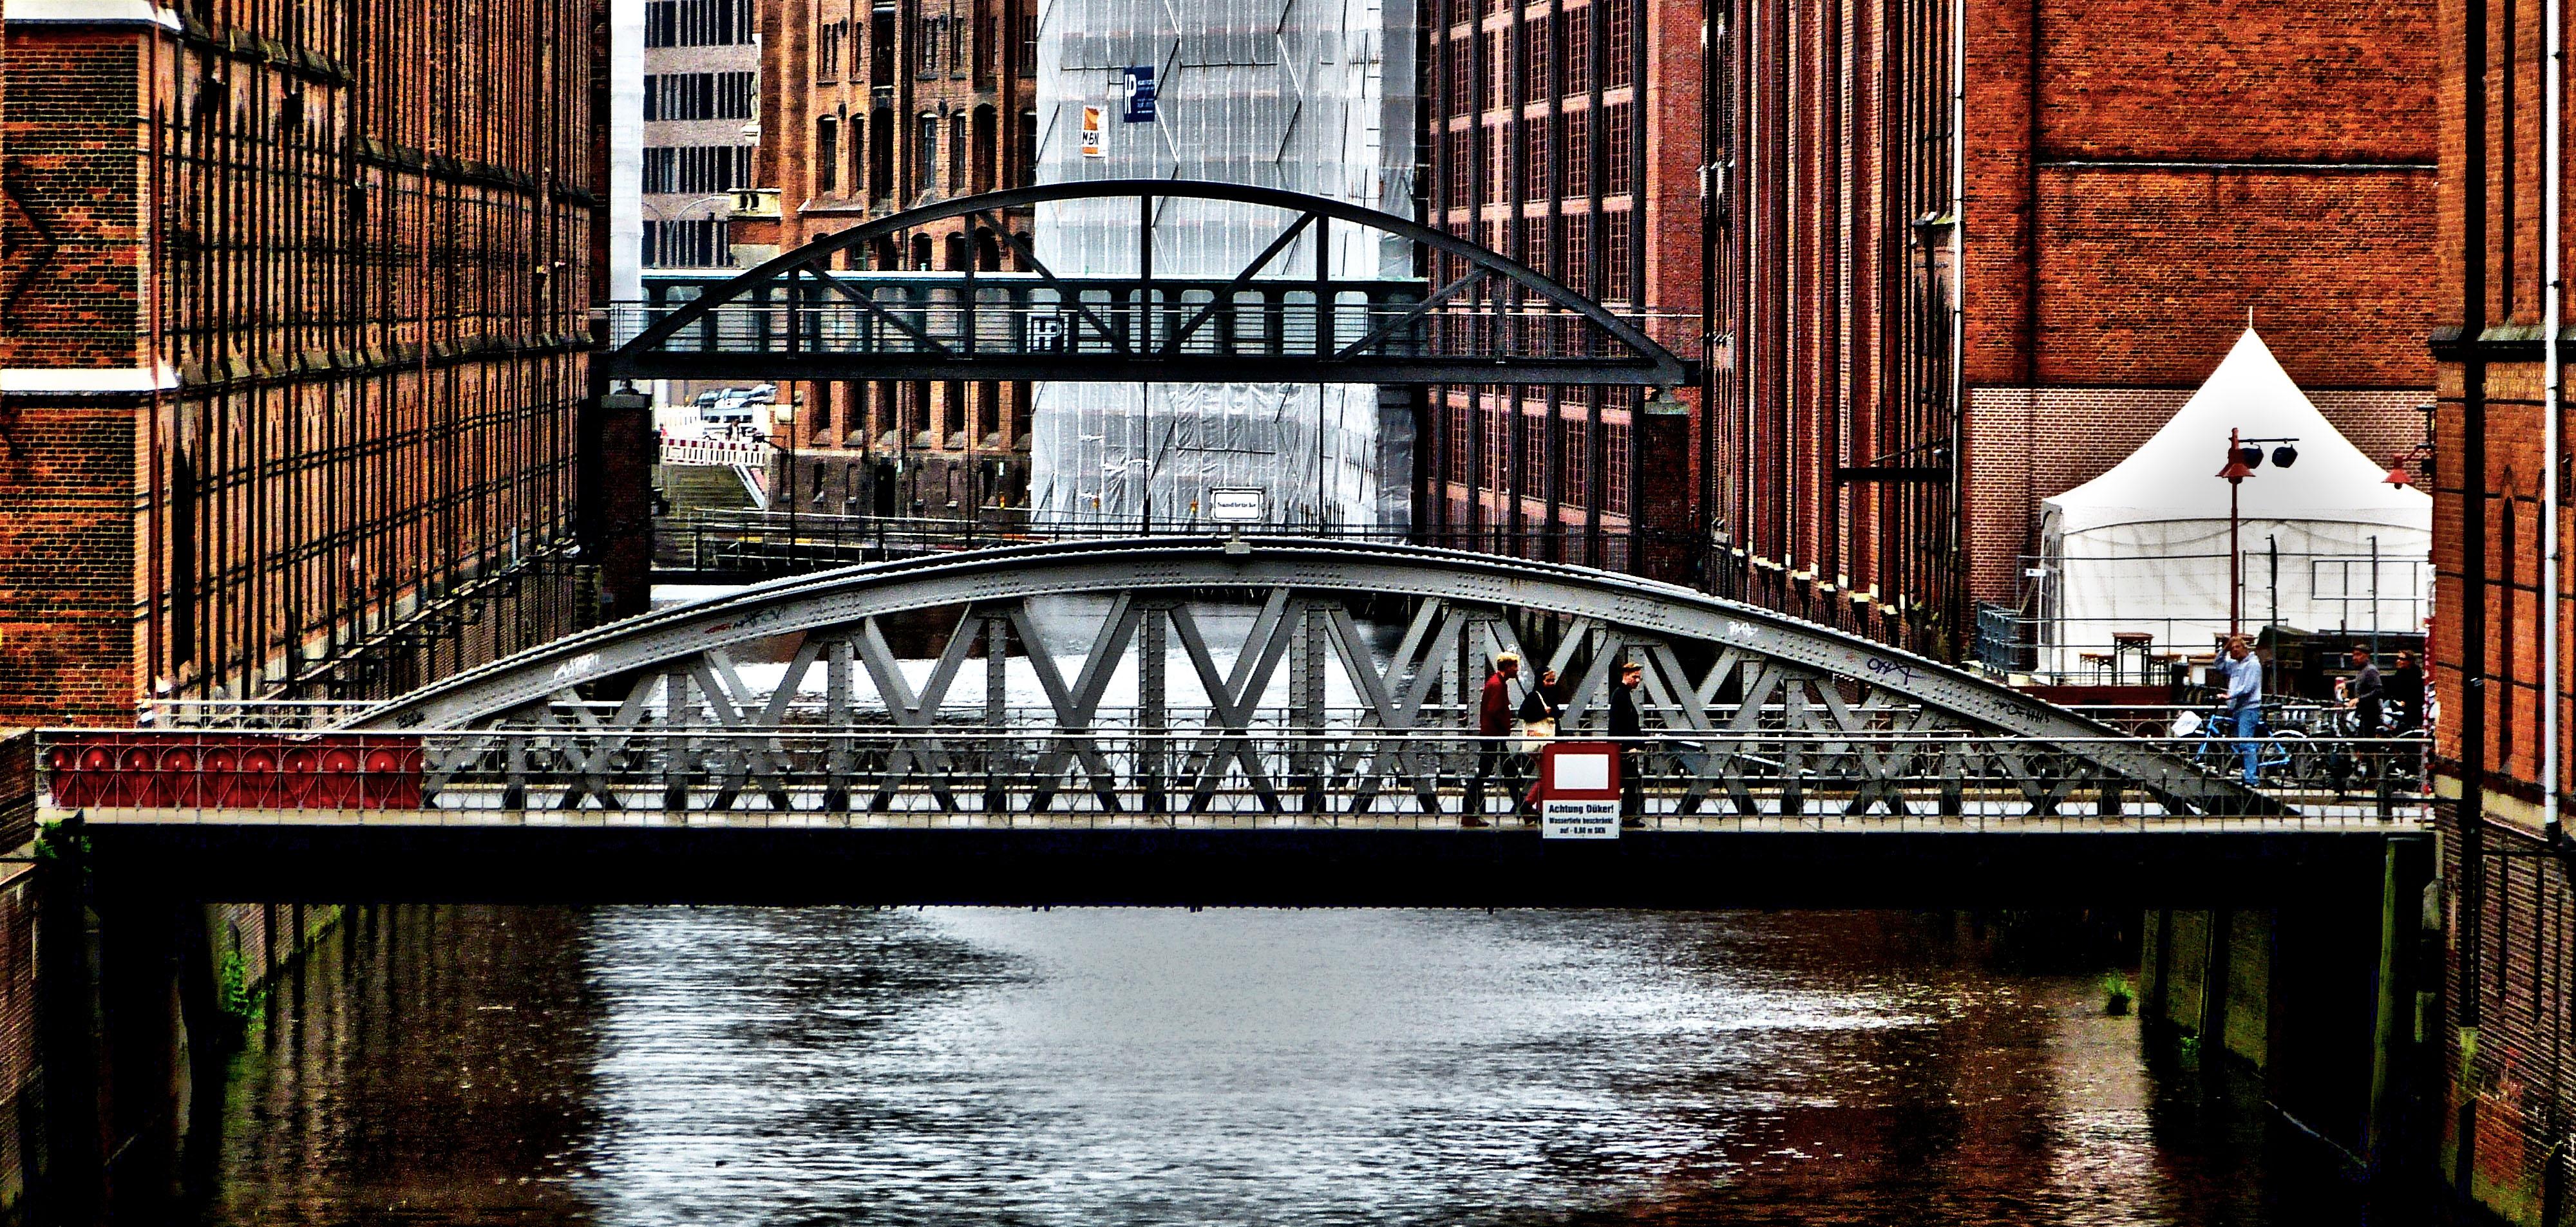 Stehlen Hamburg hintergrundbilder stadt straße die architektur wasser gebäude